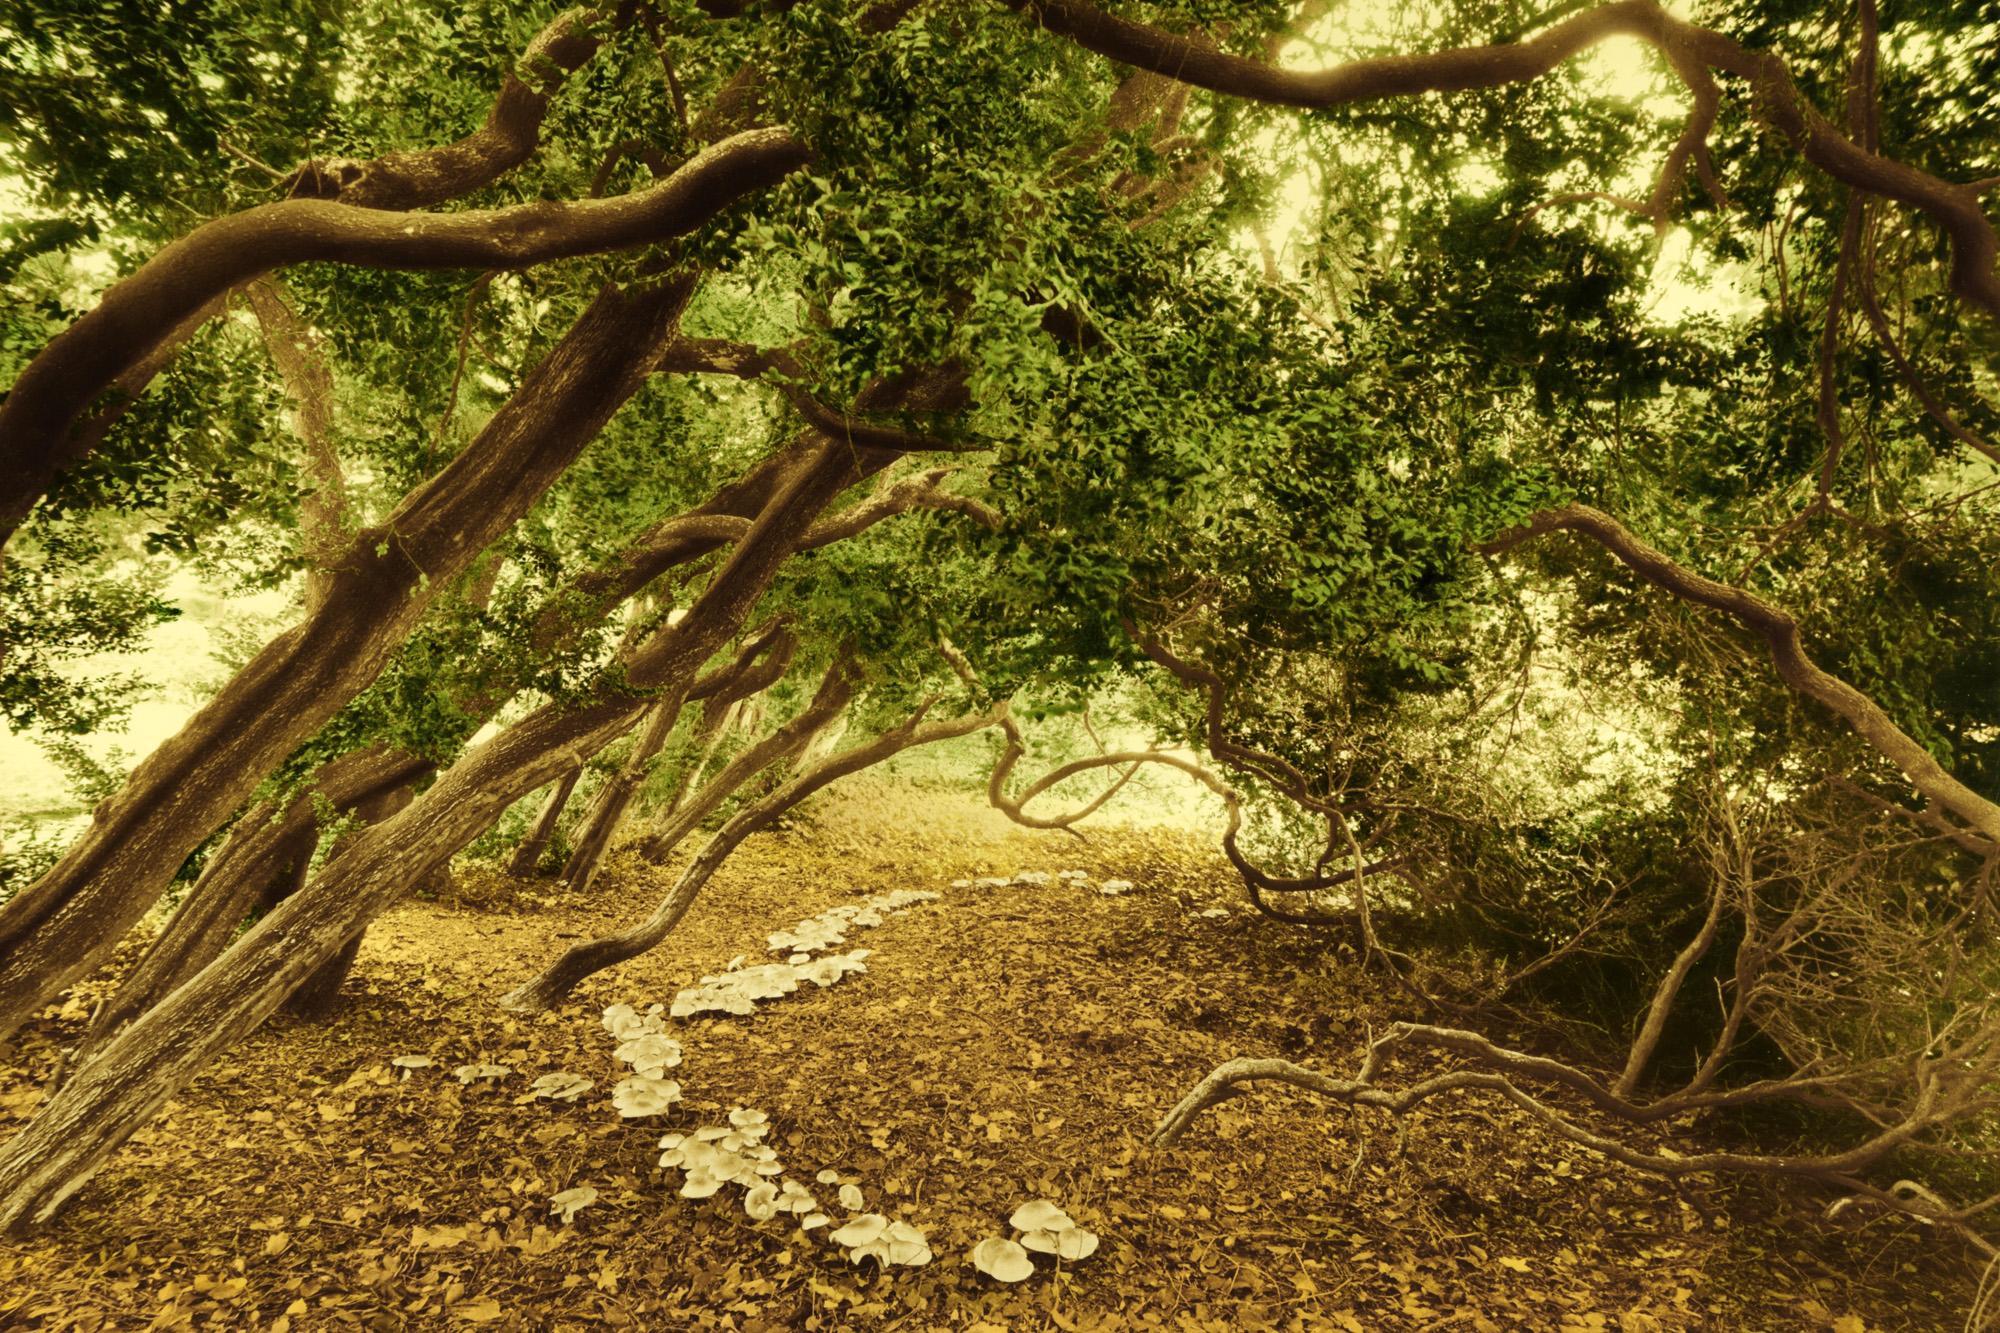 Buchsbaum-Reihe im Schlosspark Krumke, Sachsen-Anhalt / Alter ca. 300 Jahre, Umfang ca. 0,5 Meter